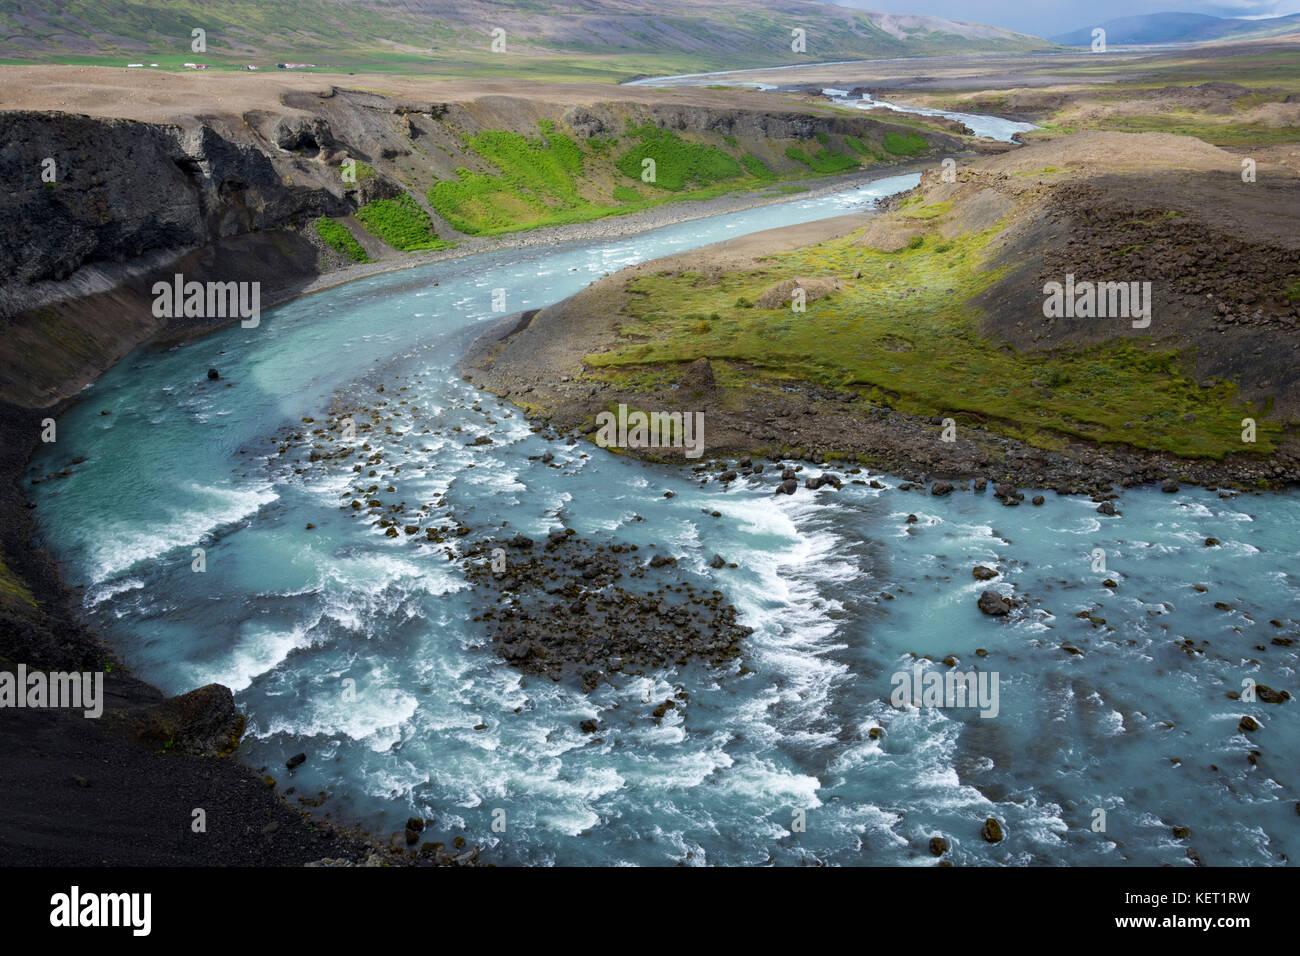 Flux de vie, rivière skjálfandafljót Photo Stock